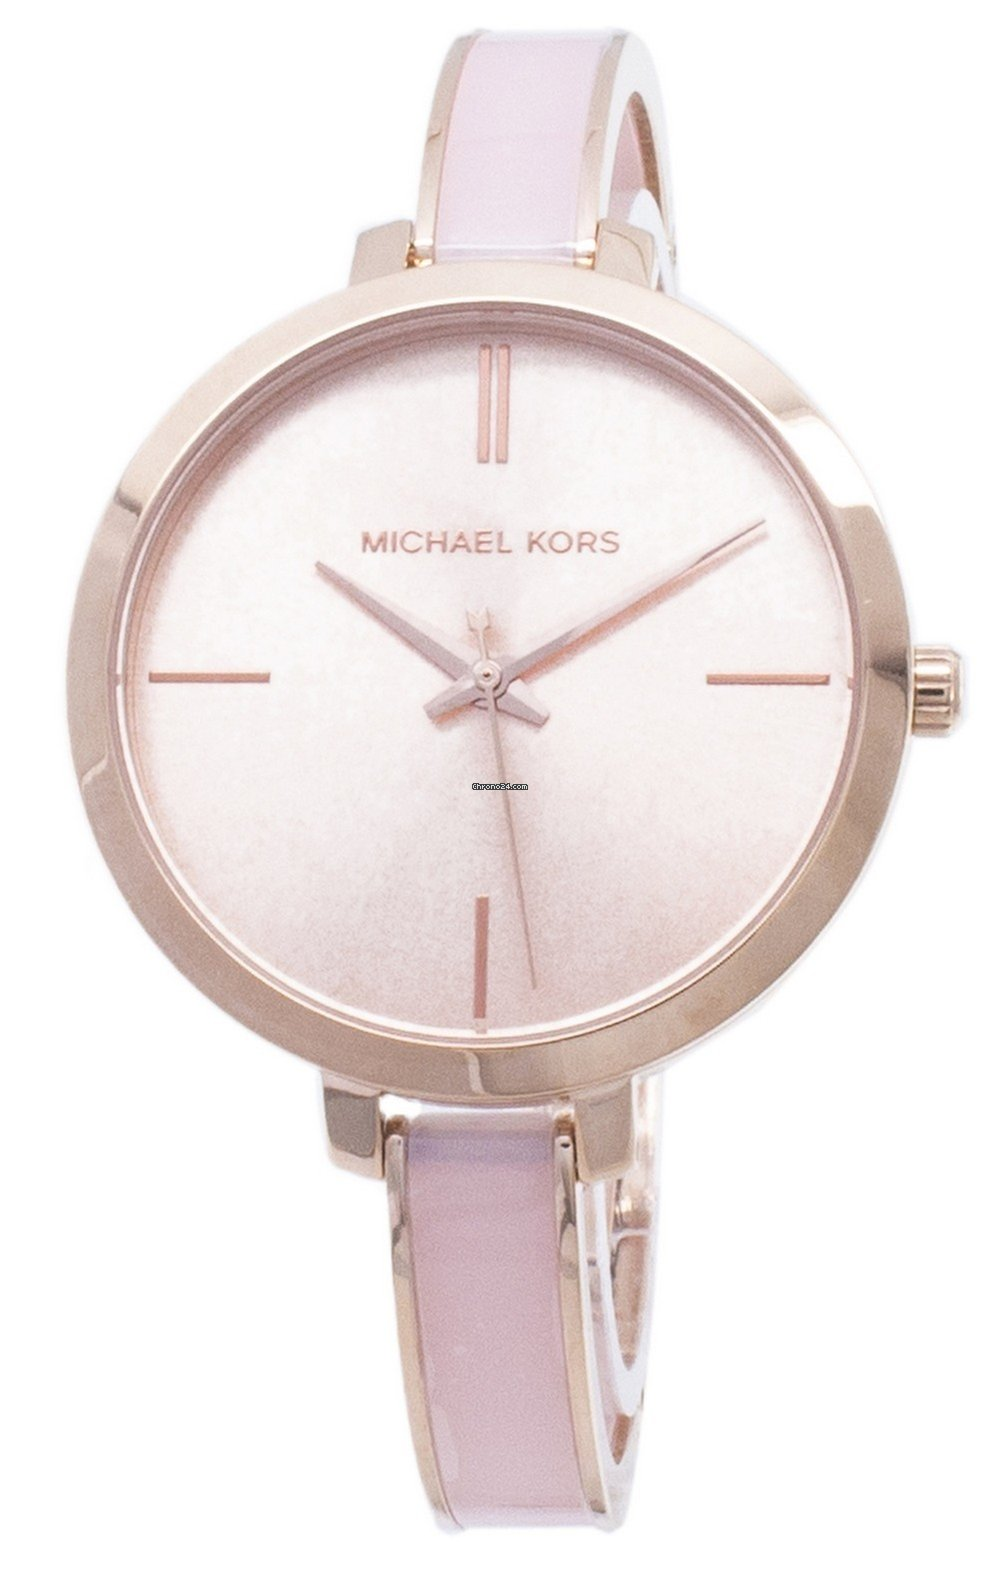 5e5bd1e57058 Michael Kors Jaryn MK4343 Quartz Analog Women's Watch for $157 for sale  from a Seller on Chrono24